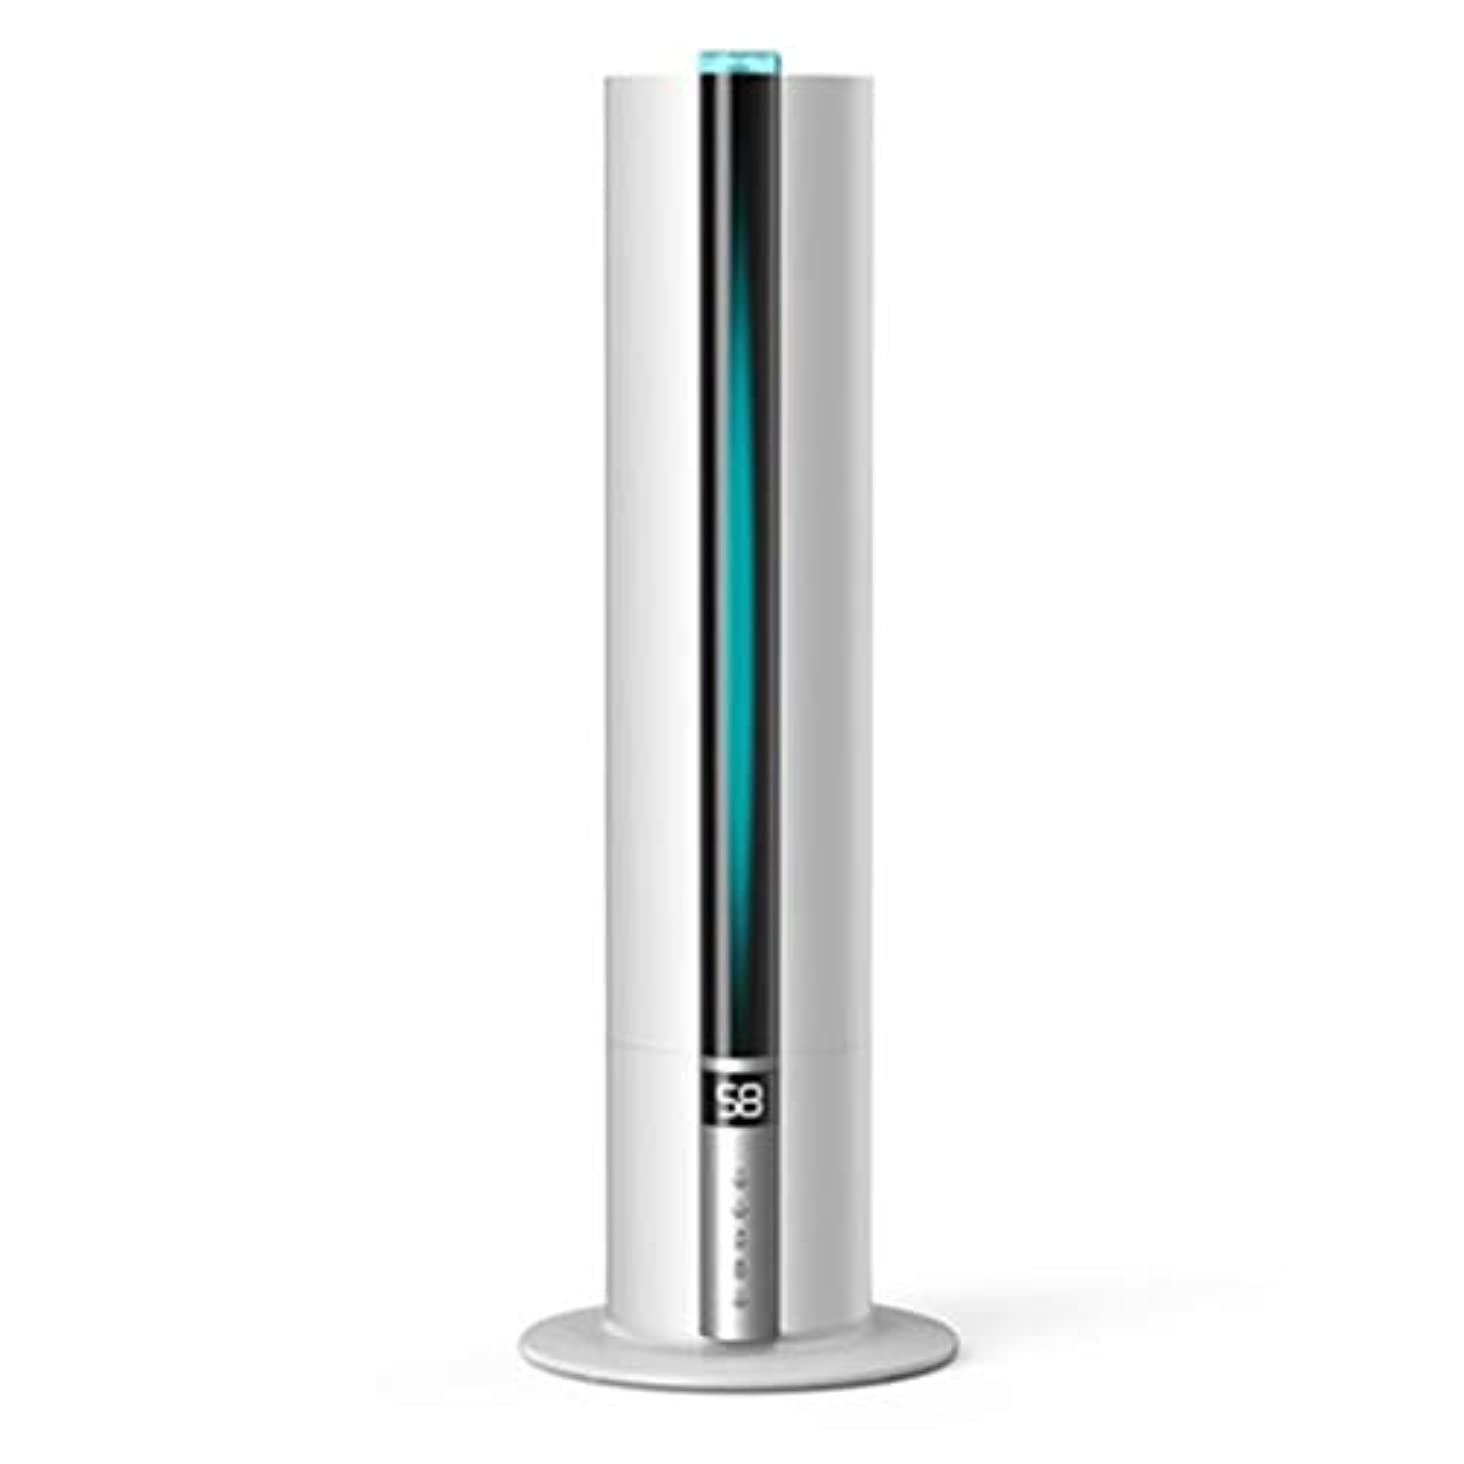 カテゴリーメンタルスクラッチ超音波クールミスト加湿器7.5L超静音インテリジェント純恒湿、ウォーターレスオートオフ超静音(色:黒) (Color : White)